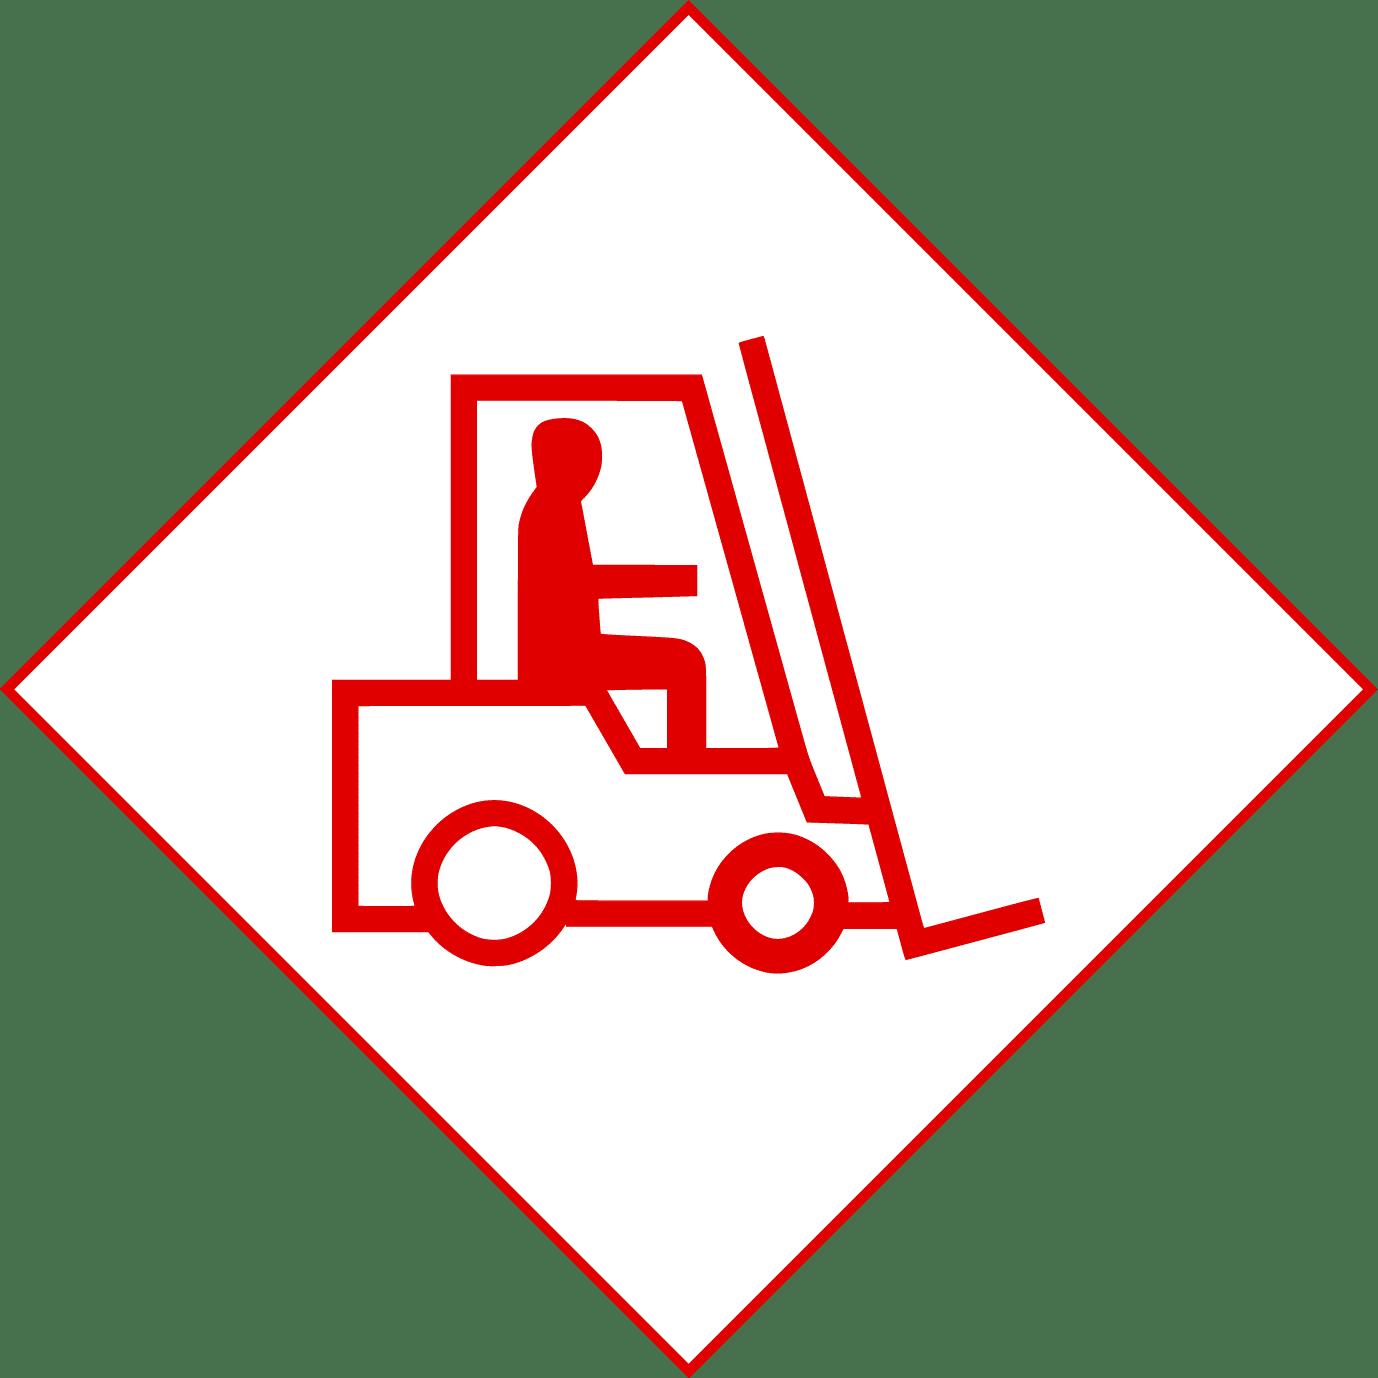 Les plates-formes logistiques